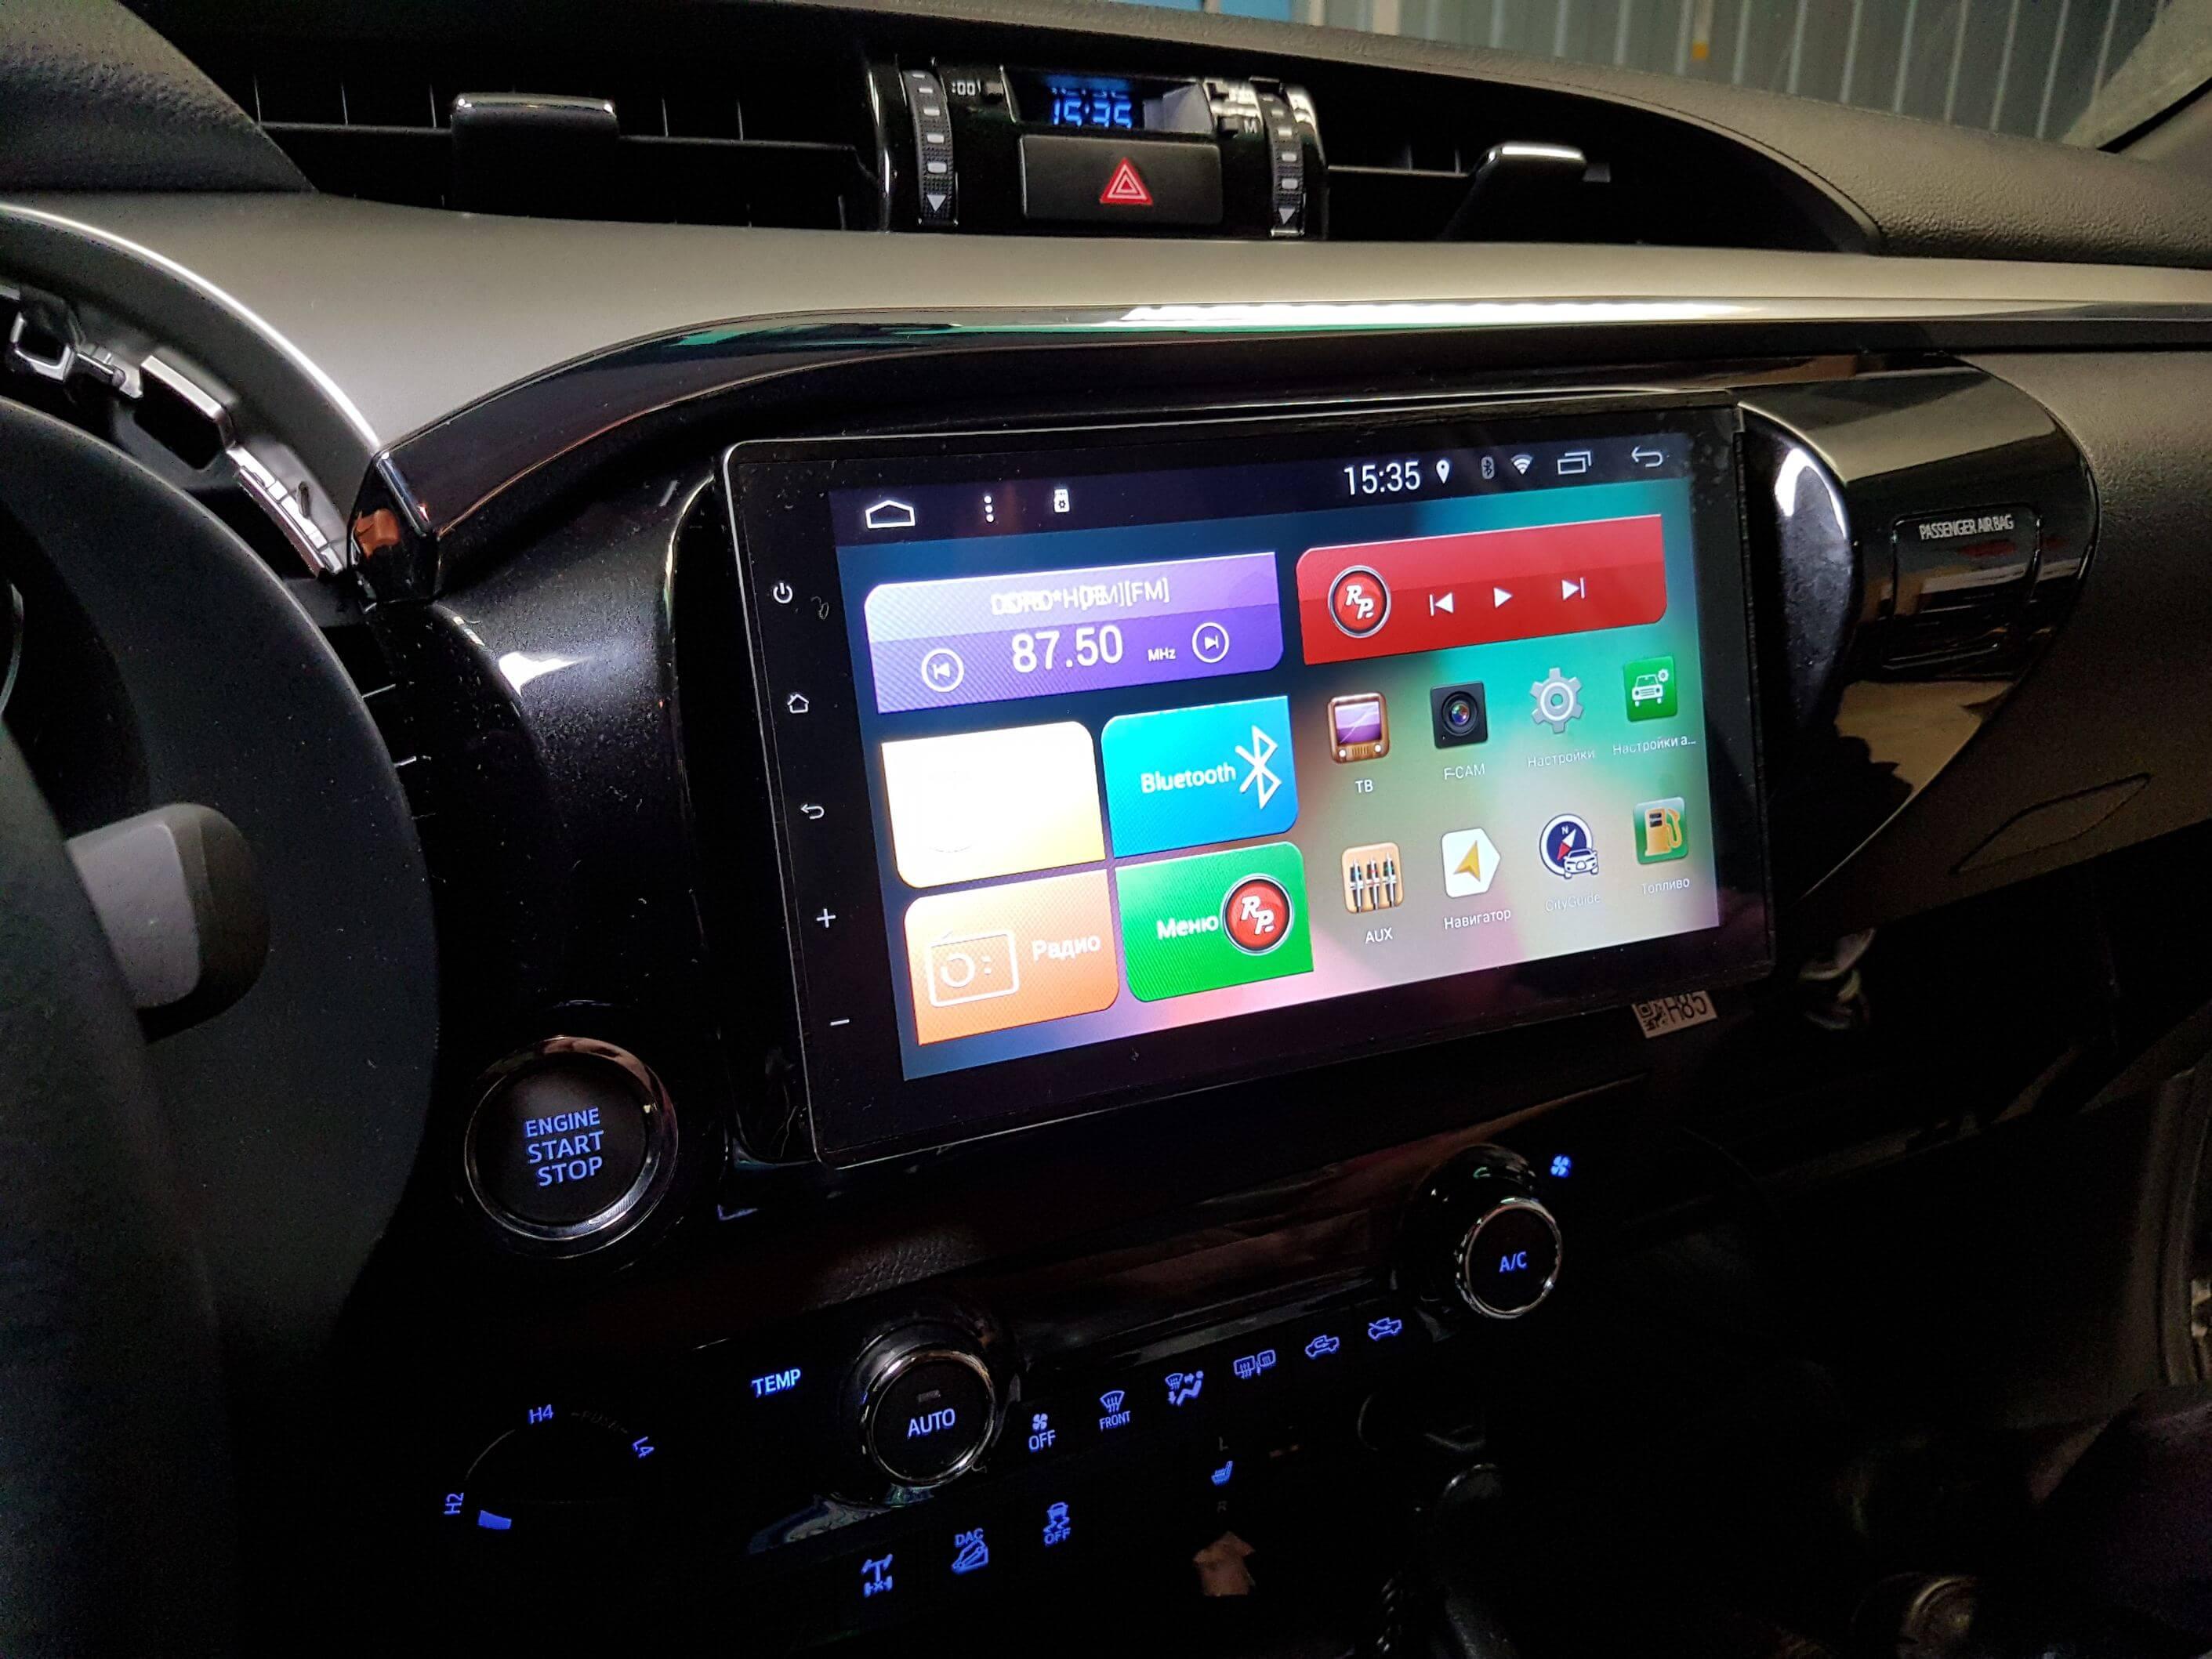 Штатное головное устройство Toyota Hilux автомагнитола Redpower21186B IPS